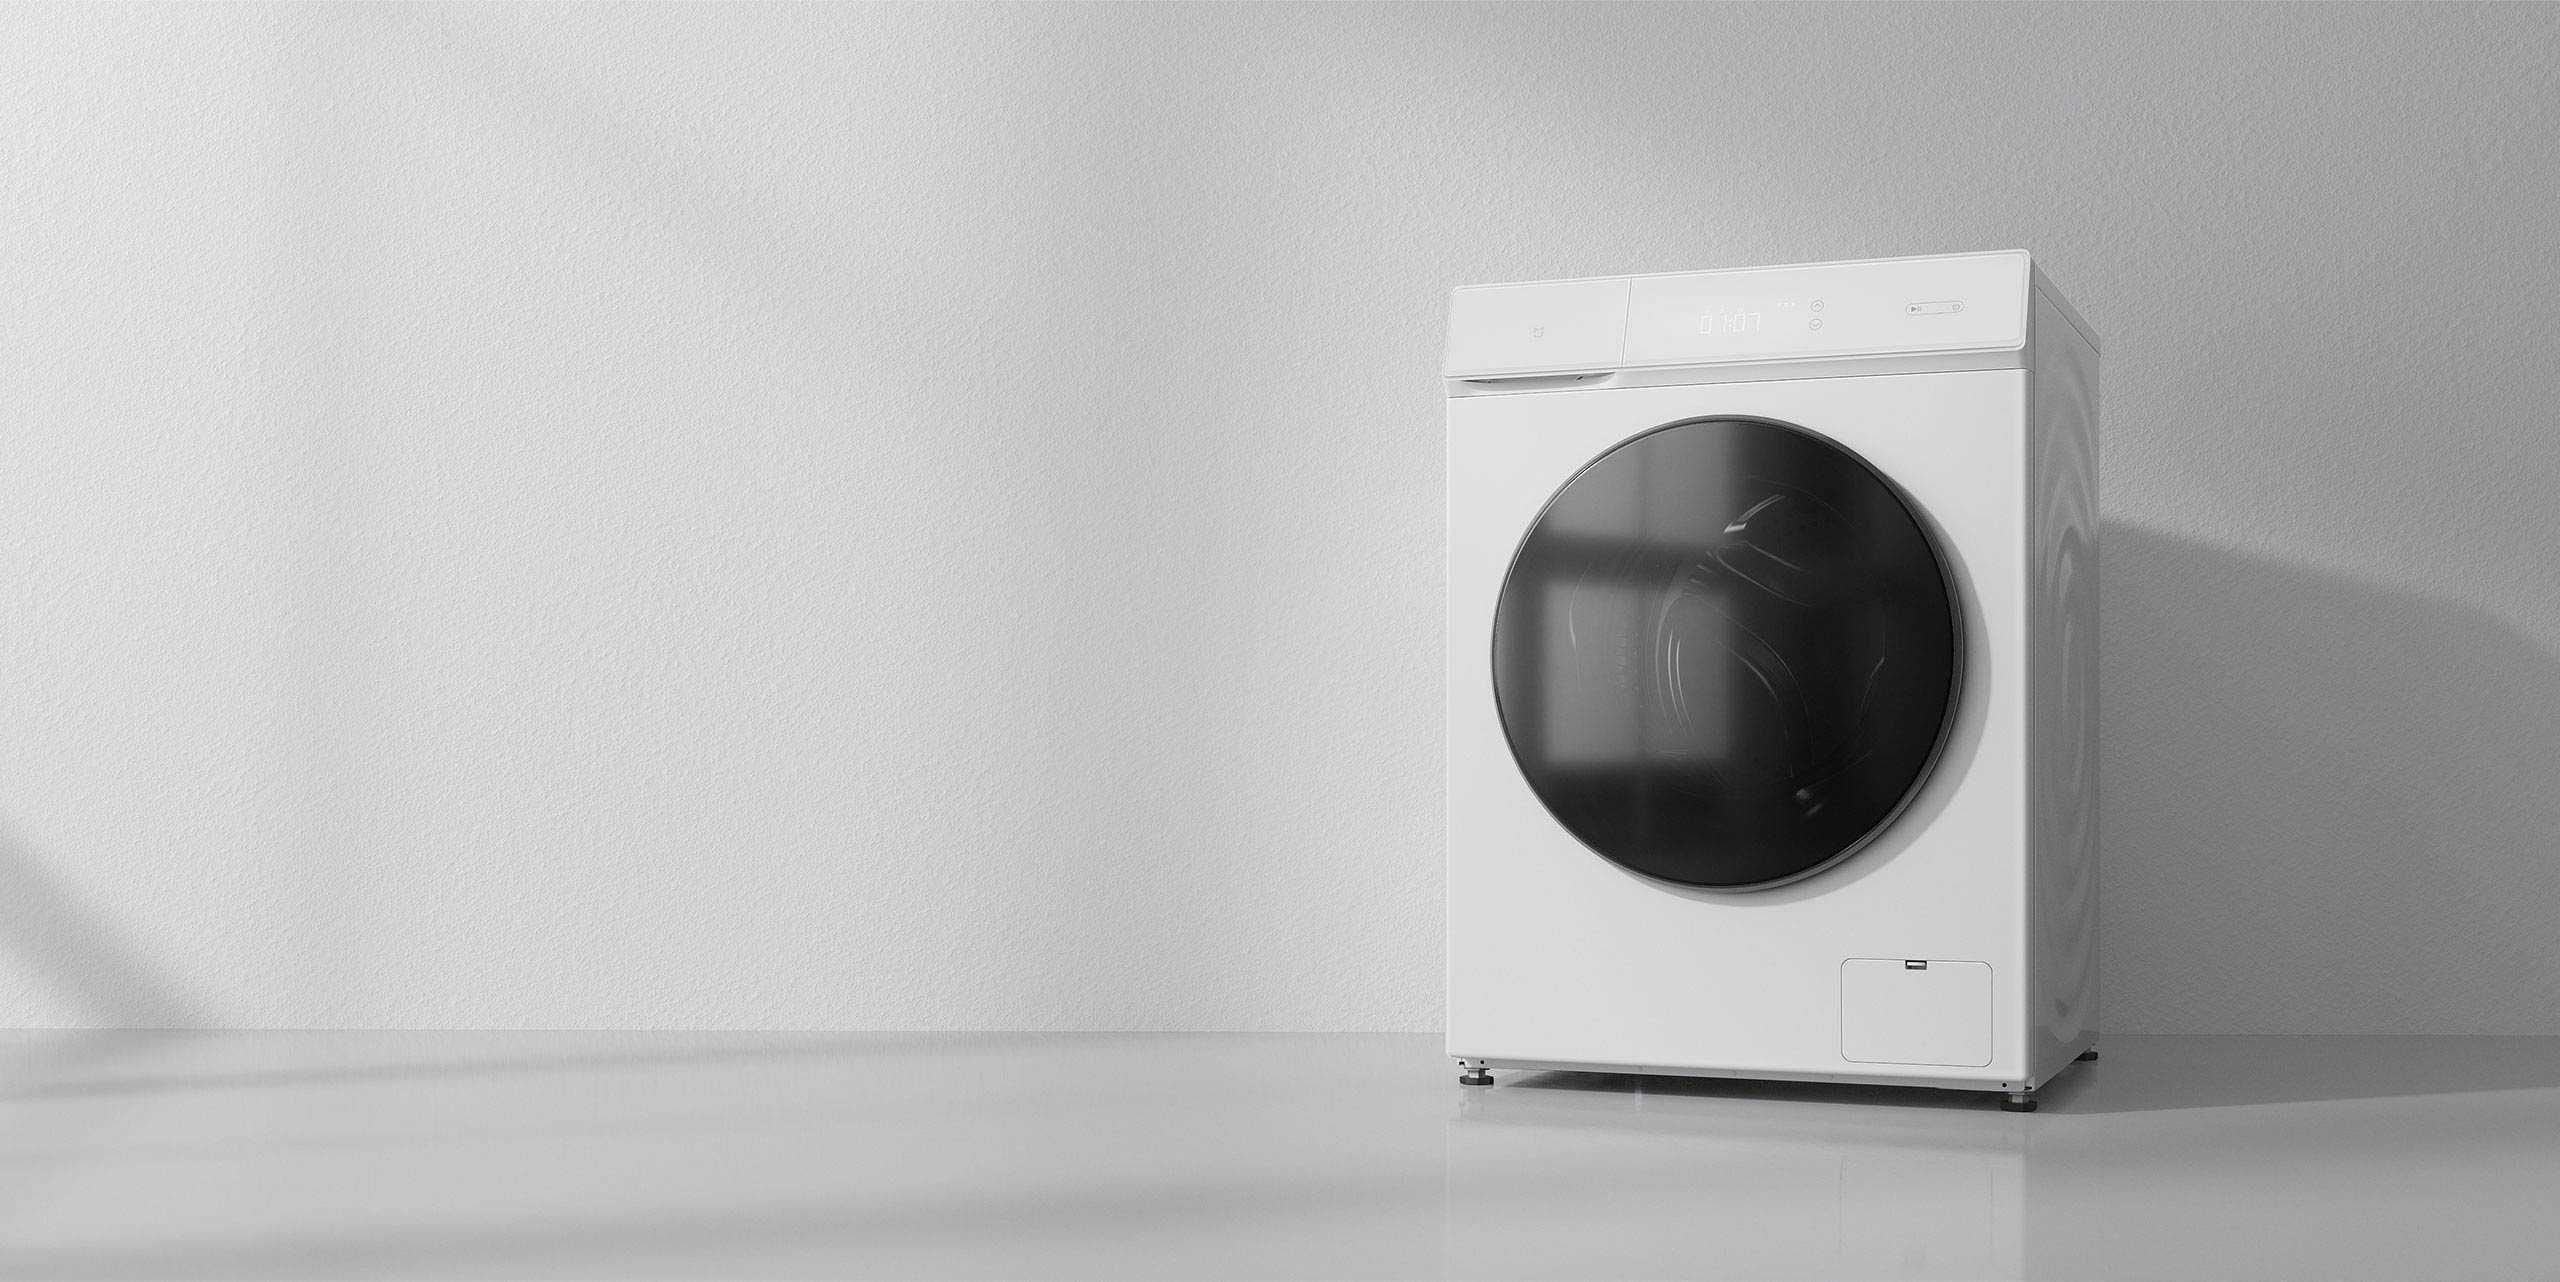 Стиральные машины xiaomi: обзор моделей